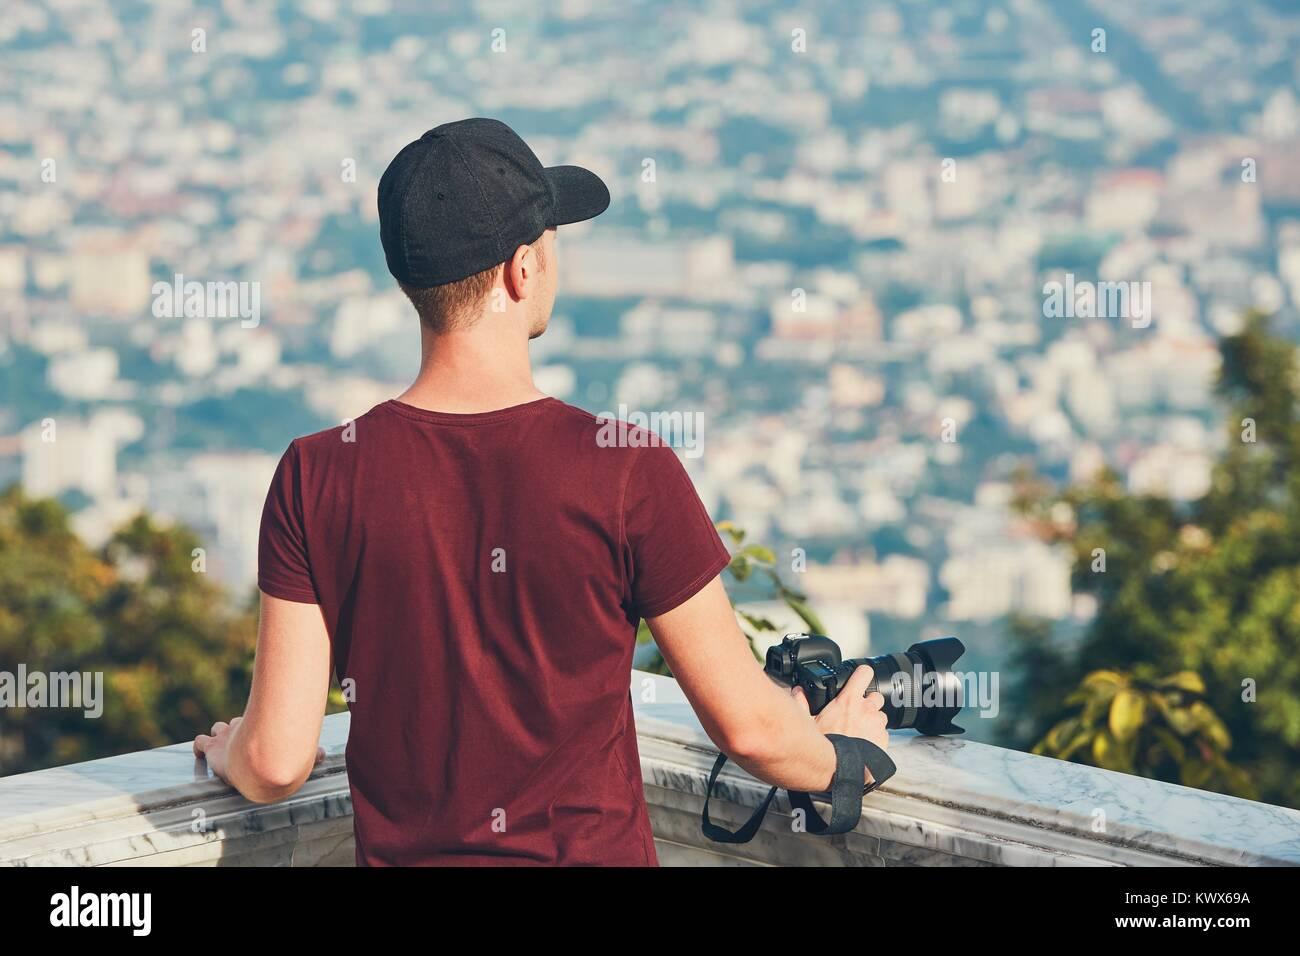 Joven fotógrafo (traveler) con cámara fotográfica en busca de inspiración. Chiang Mai, Tailandia Imagen De Stock